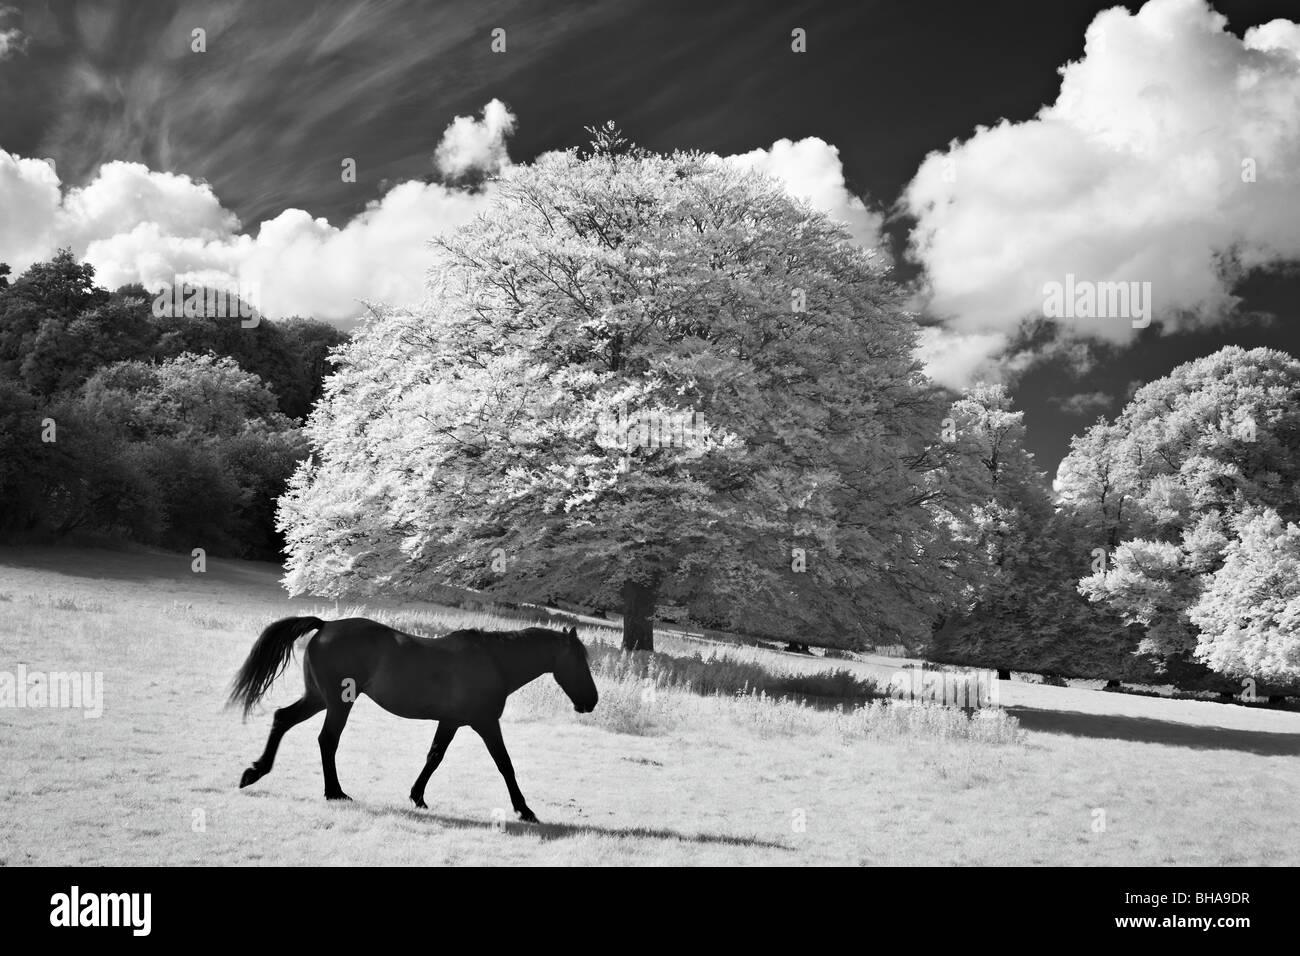 Caballos en Minterne Magna, Dorset, Inglaterra, Reino Unido. Imagen De Stock